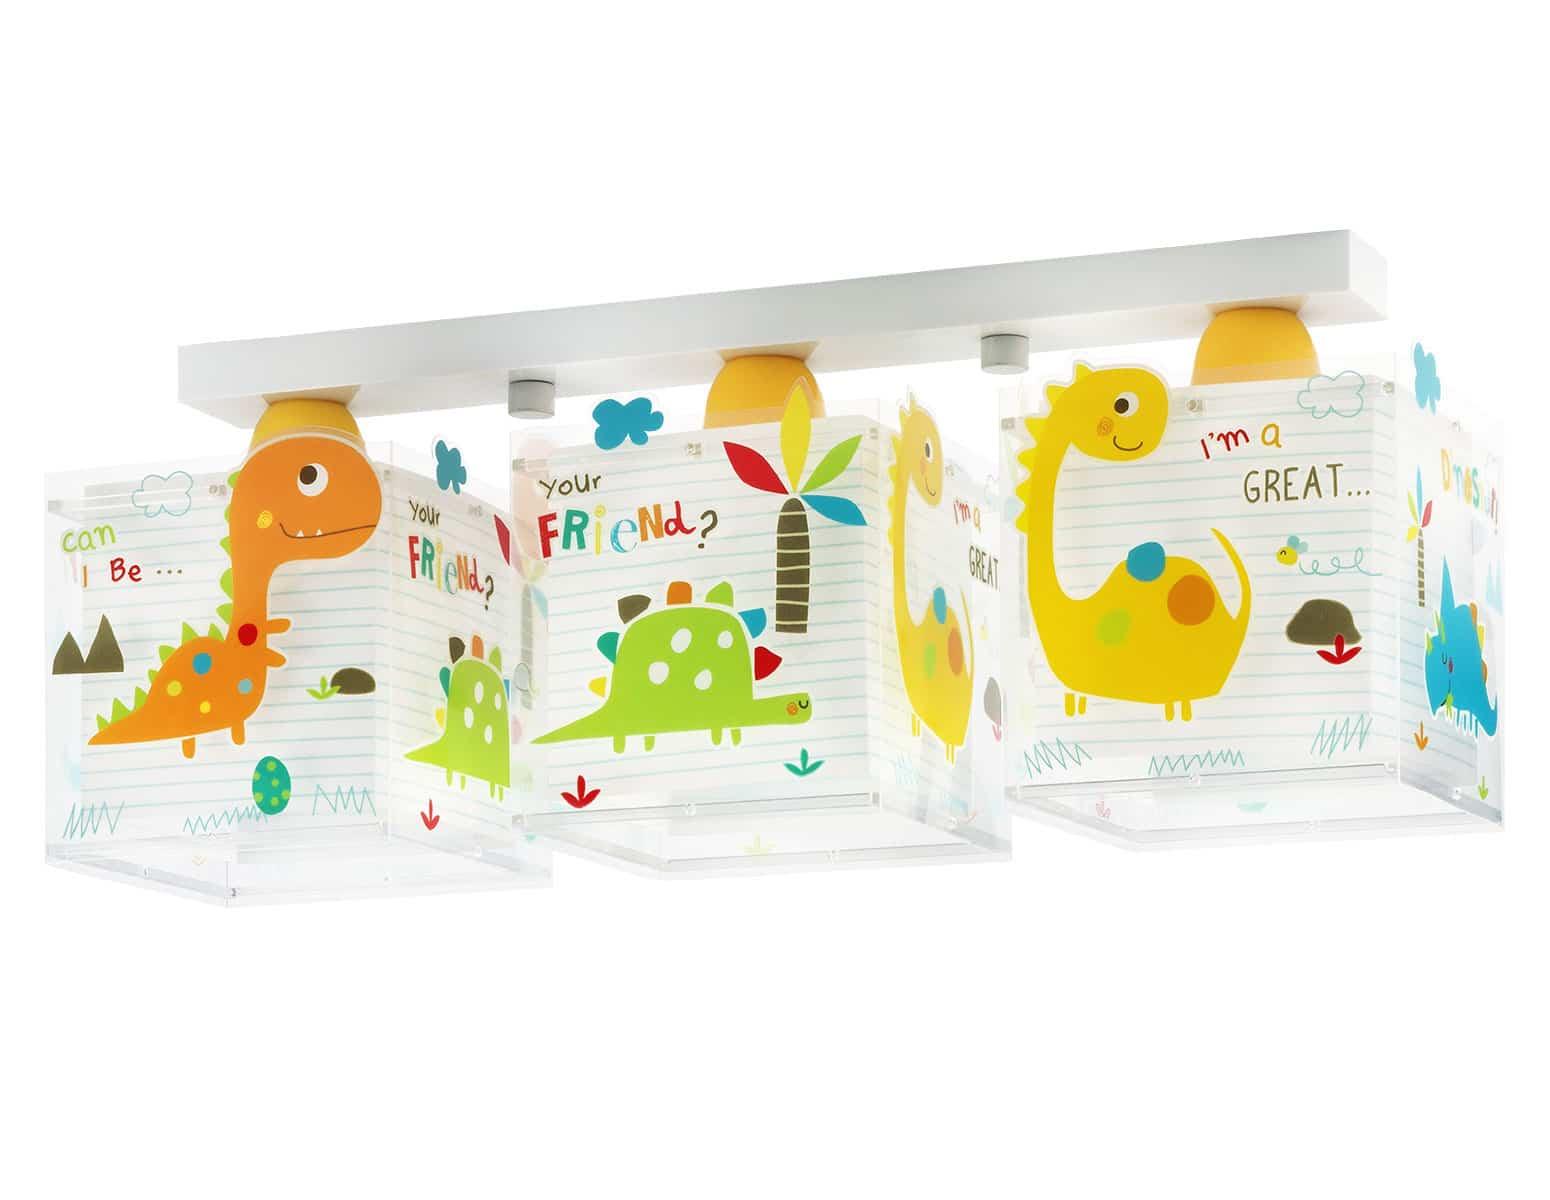 Φωτιστικό Οροφής 3Φωτο Dinos Ango 50×20,5×21εκ. 73453 (Υλικό: Πλαστικό) – ango – ANGO_73453